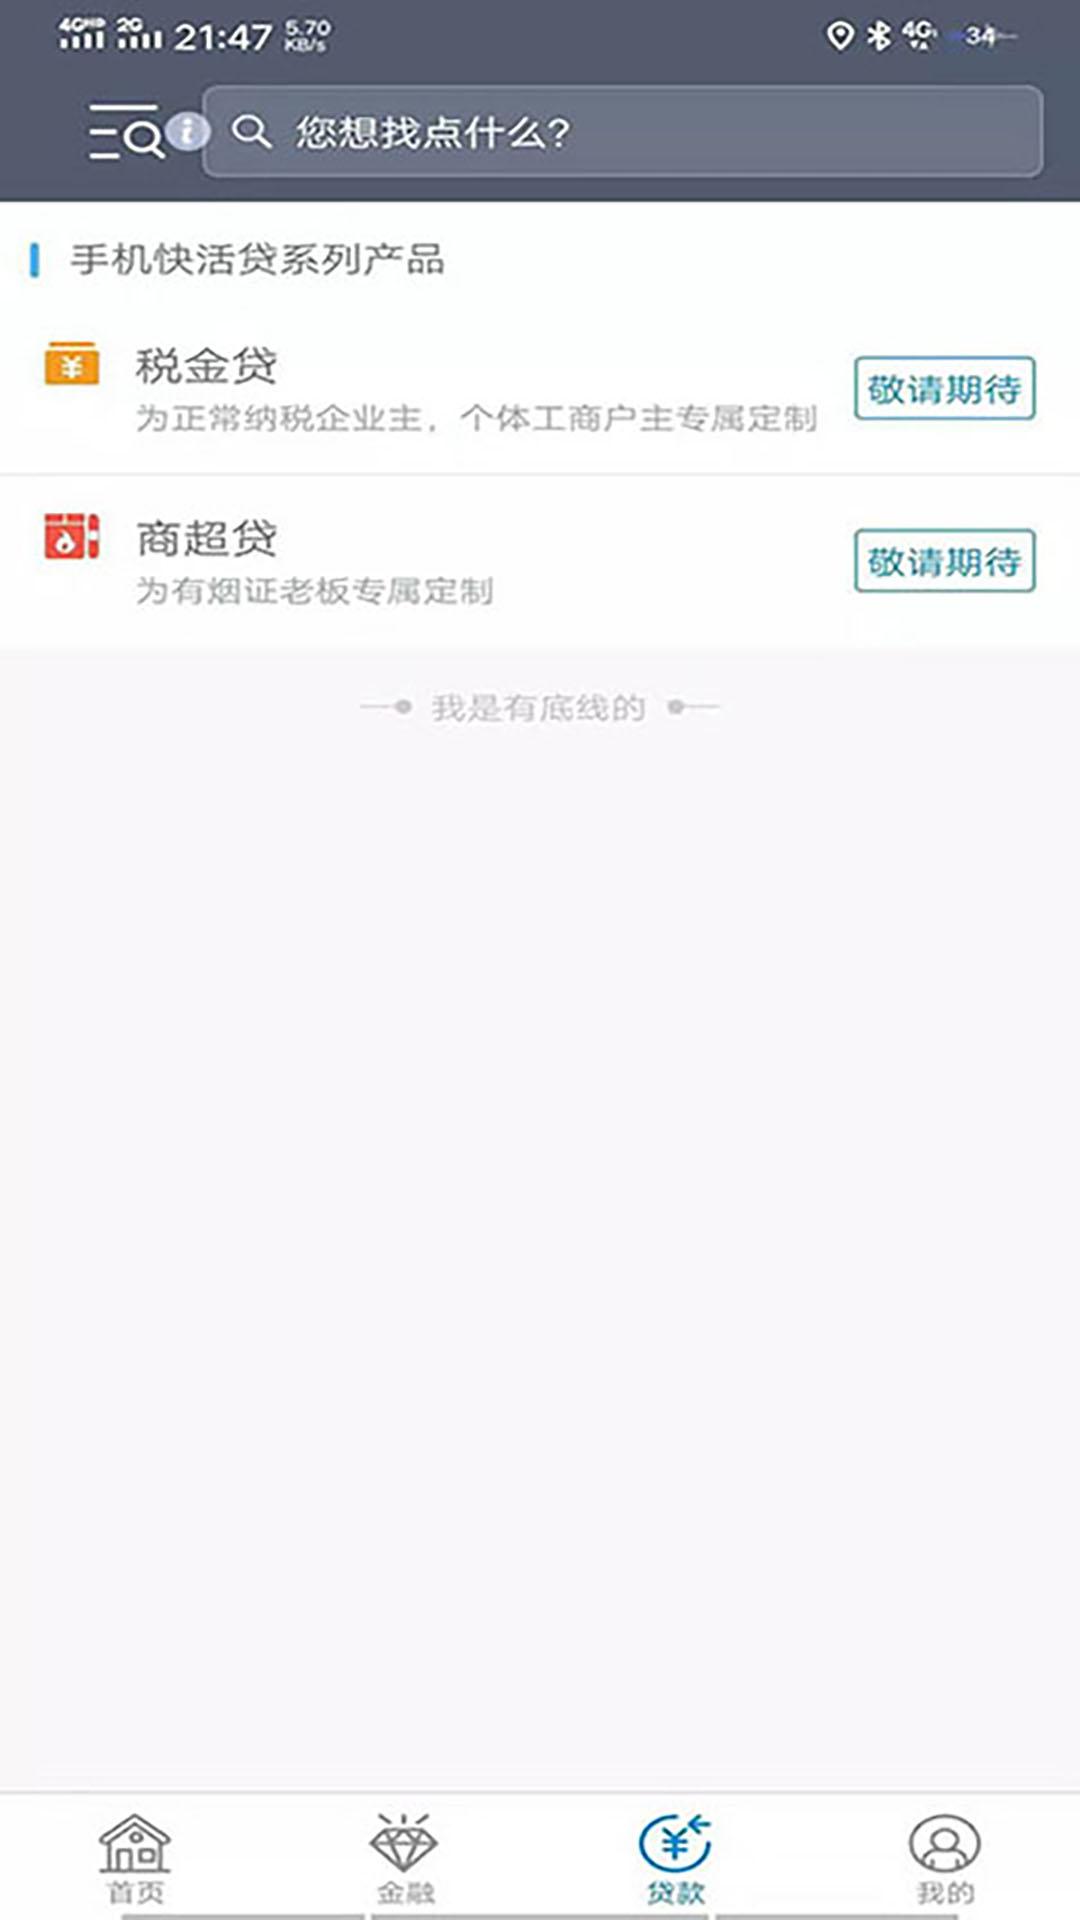 九银村镇银行手机版v4.3.7安卓版截图2